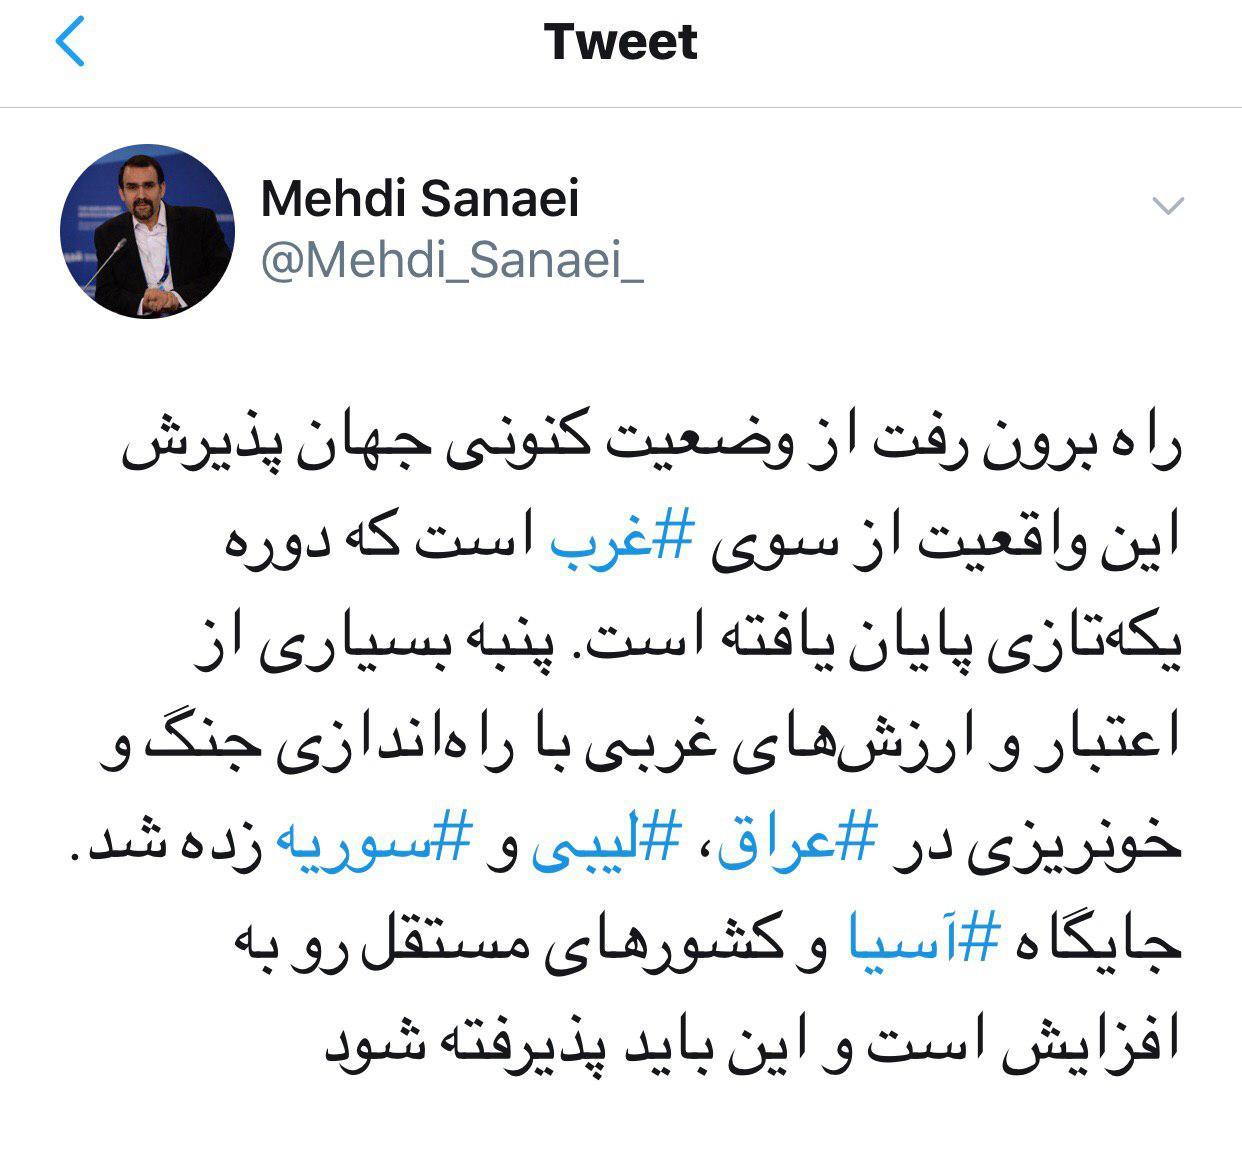 راهکار سفیر ایران در مسکو برای تغییر  وضعیت جهان